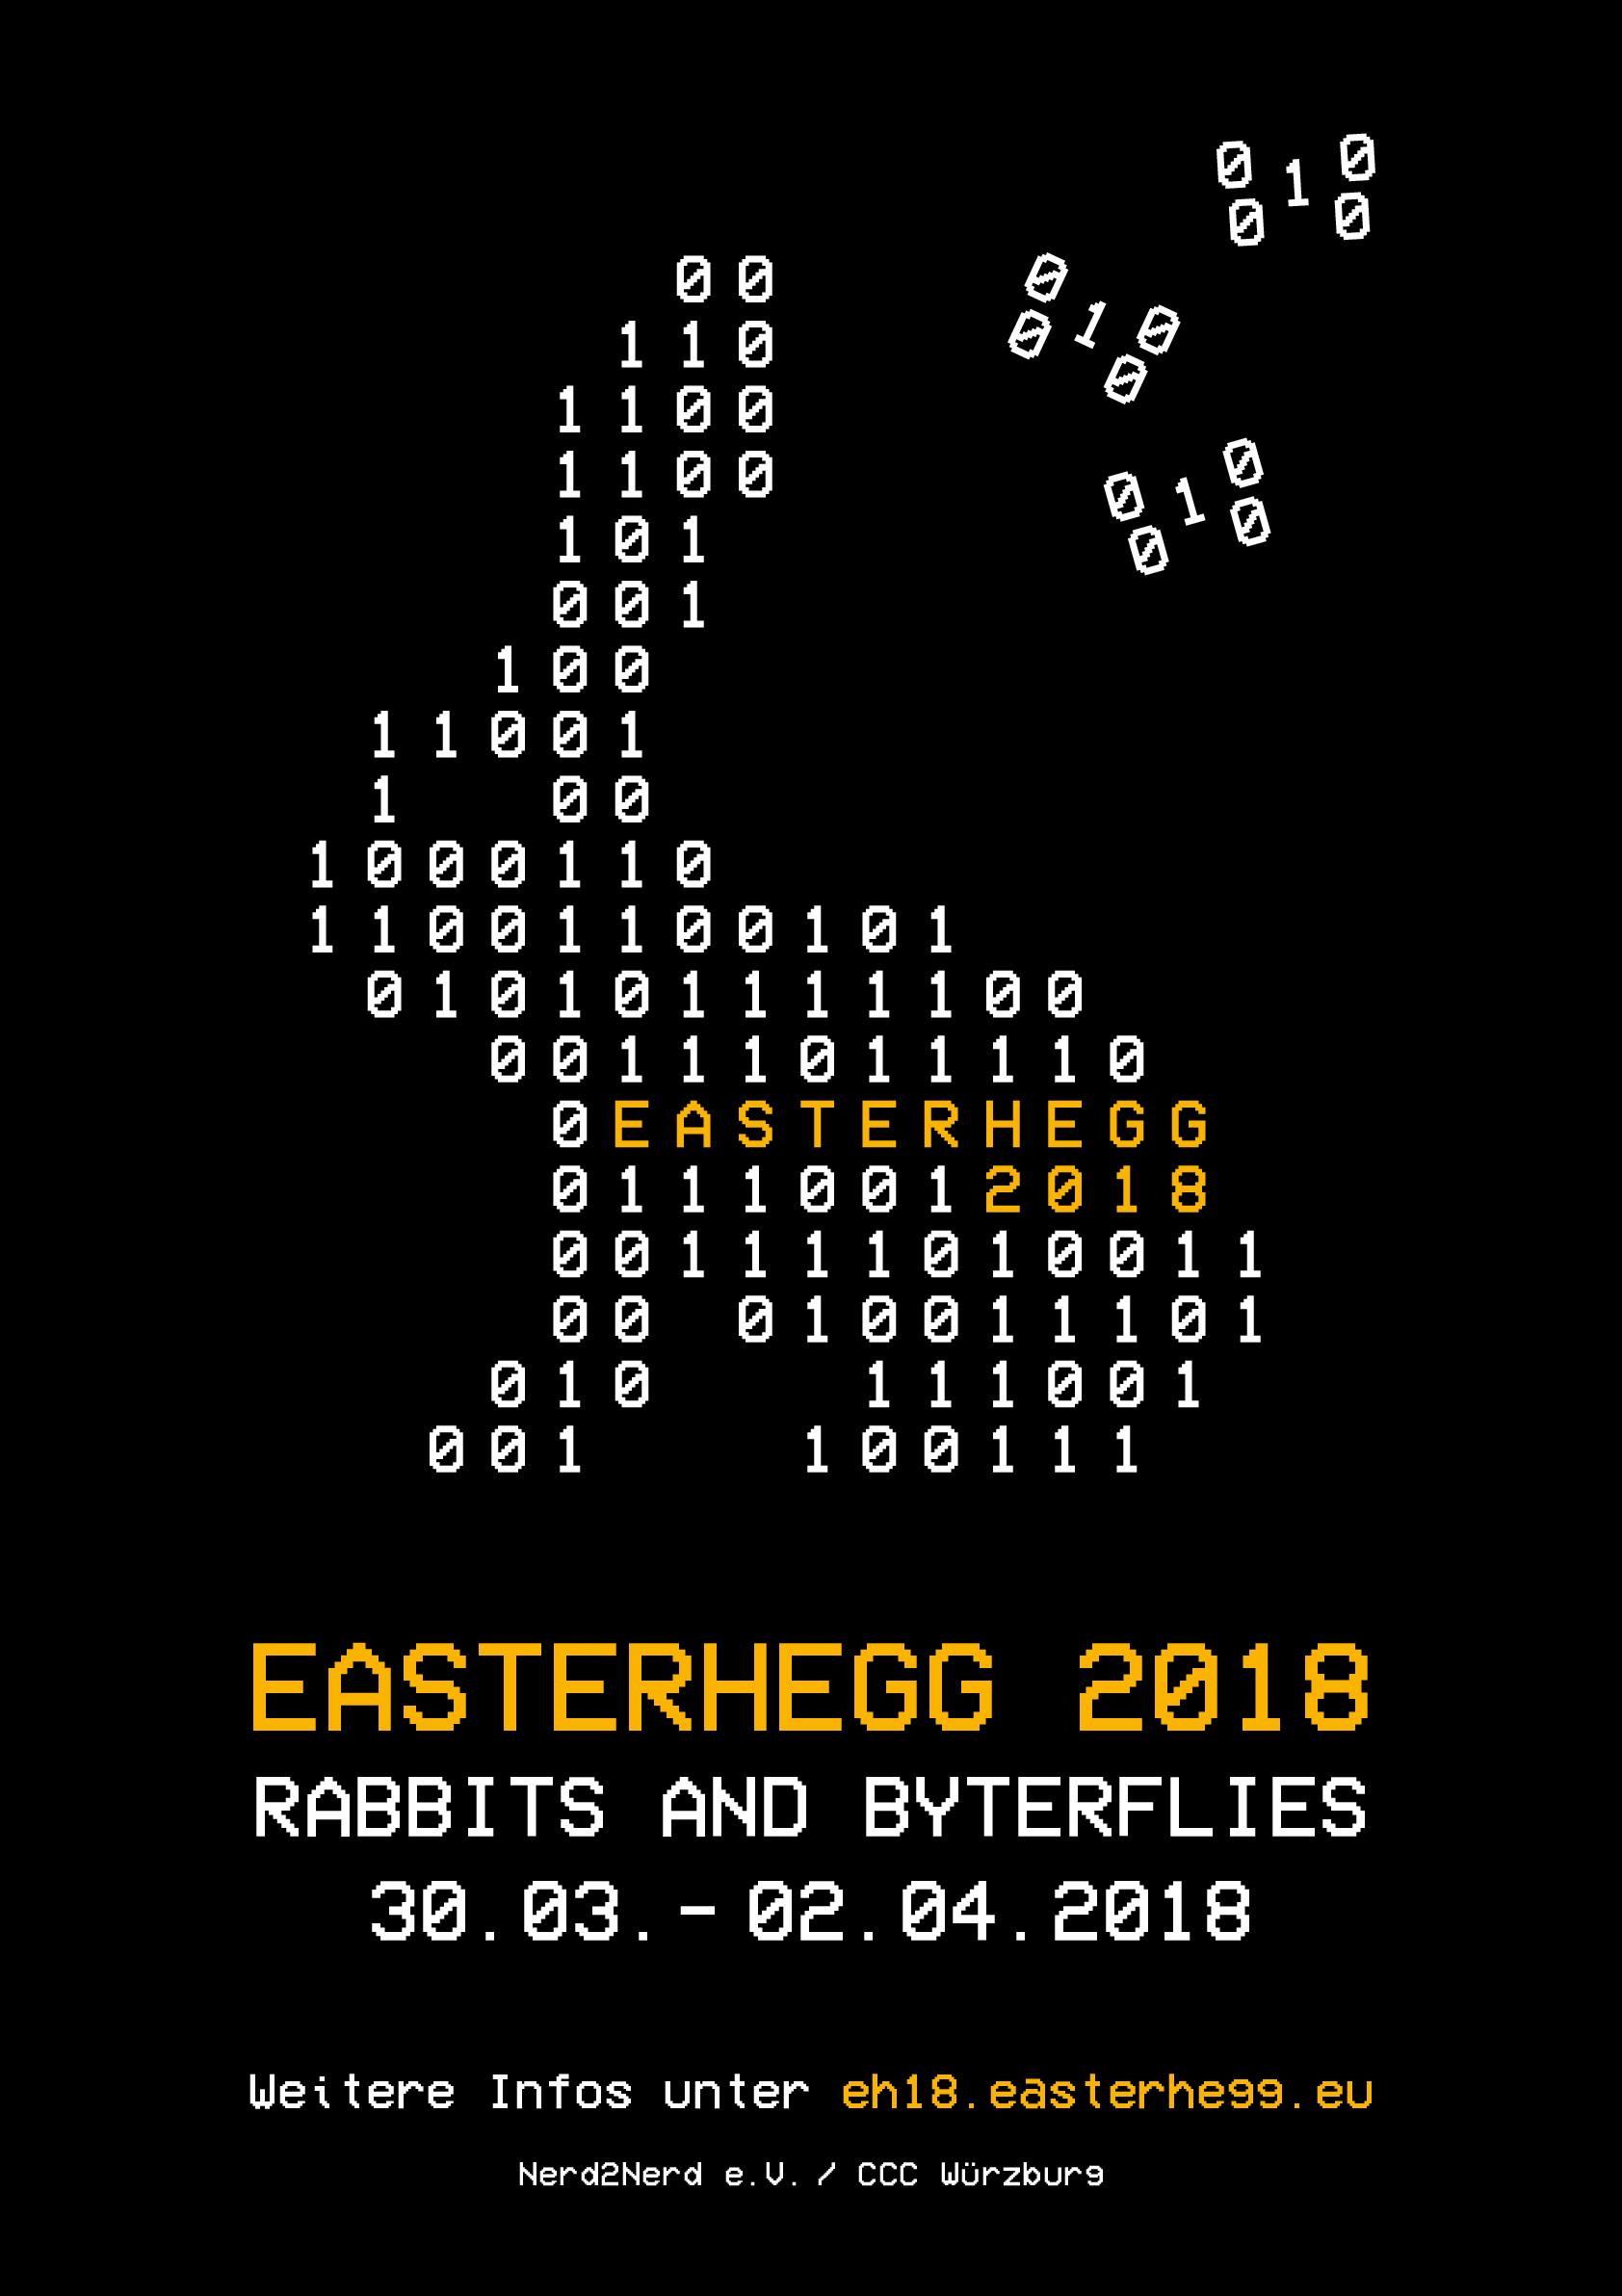 hight resolution of der easterhegg rabbits and byterflies findet dieses jahr in w rzburg im vogel convention center